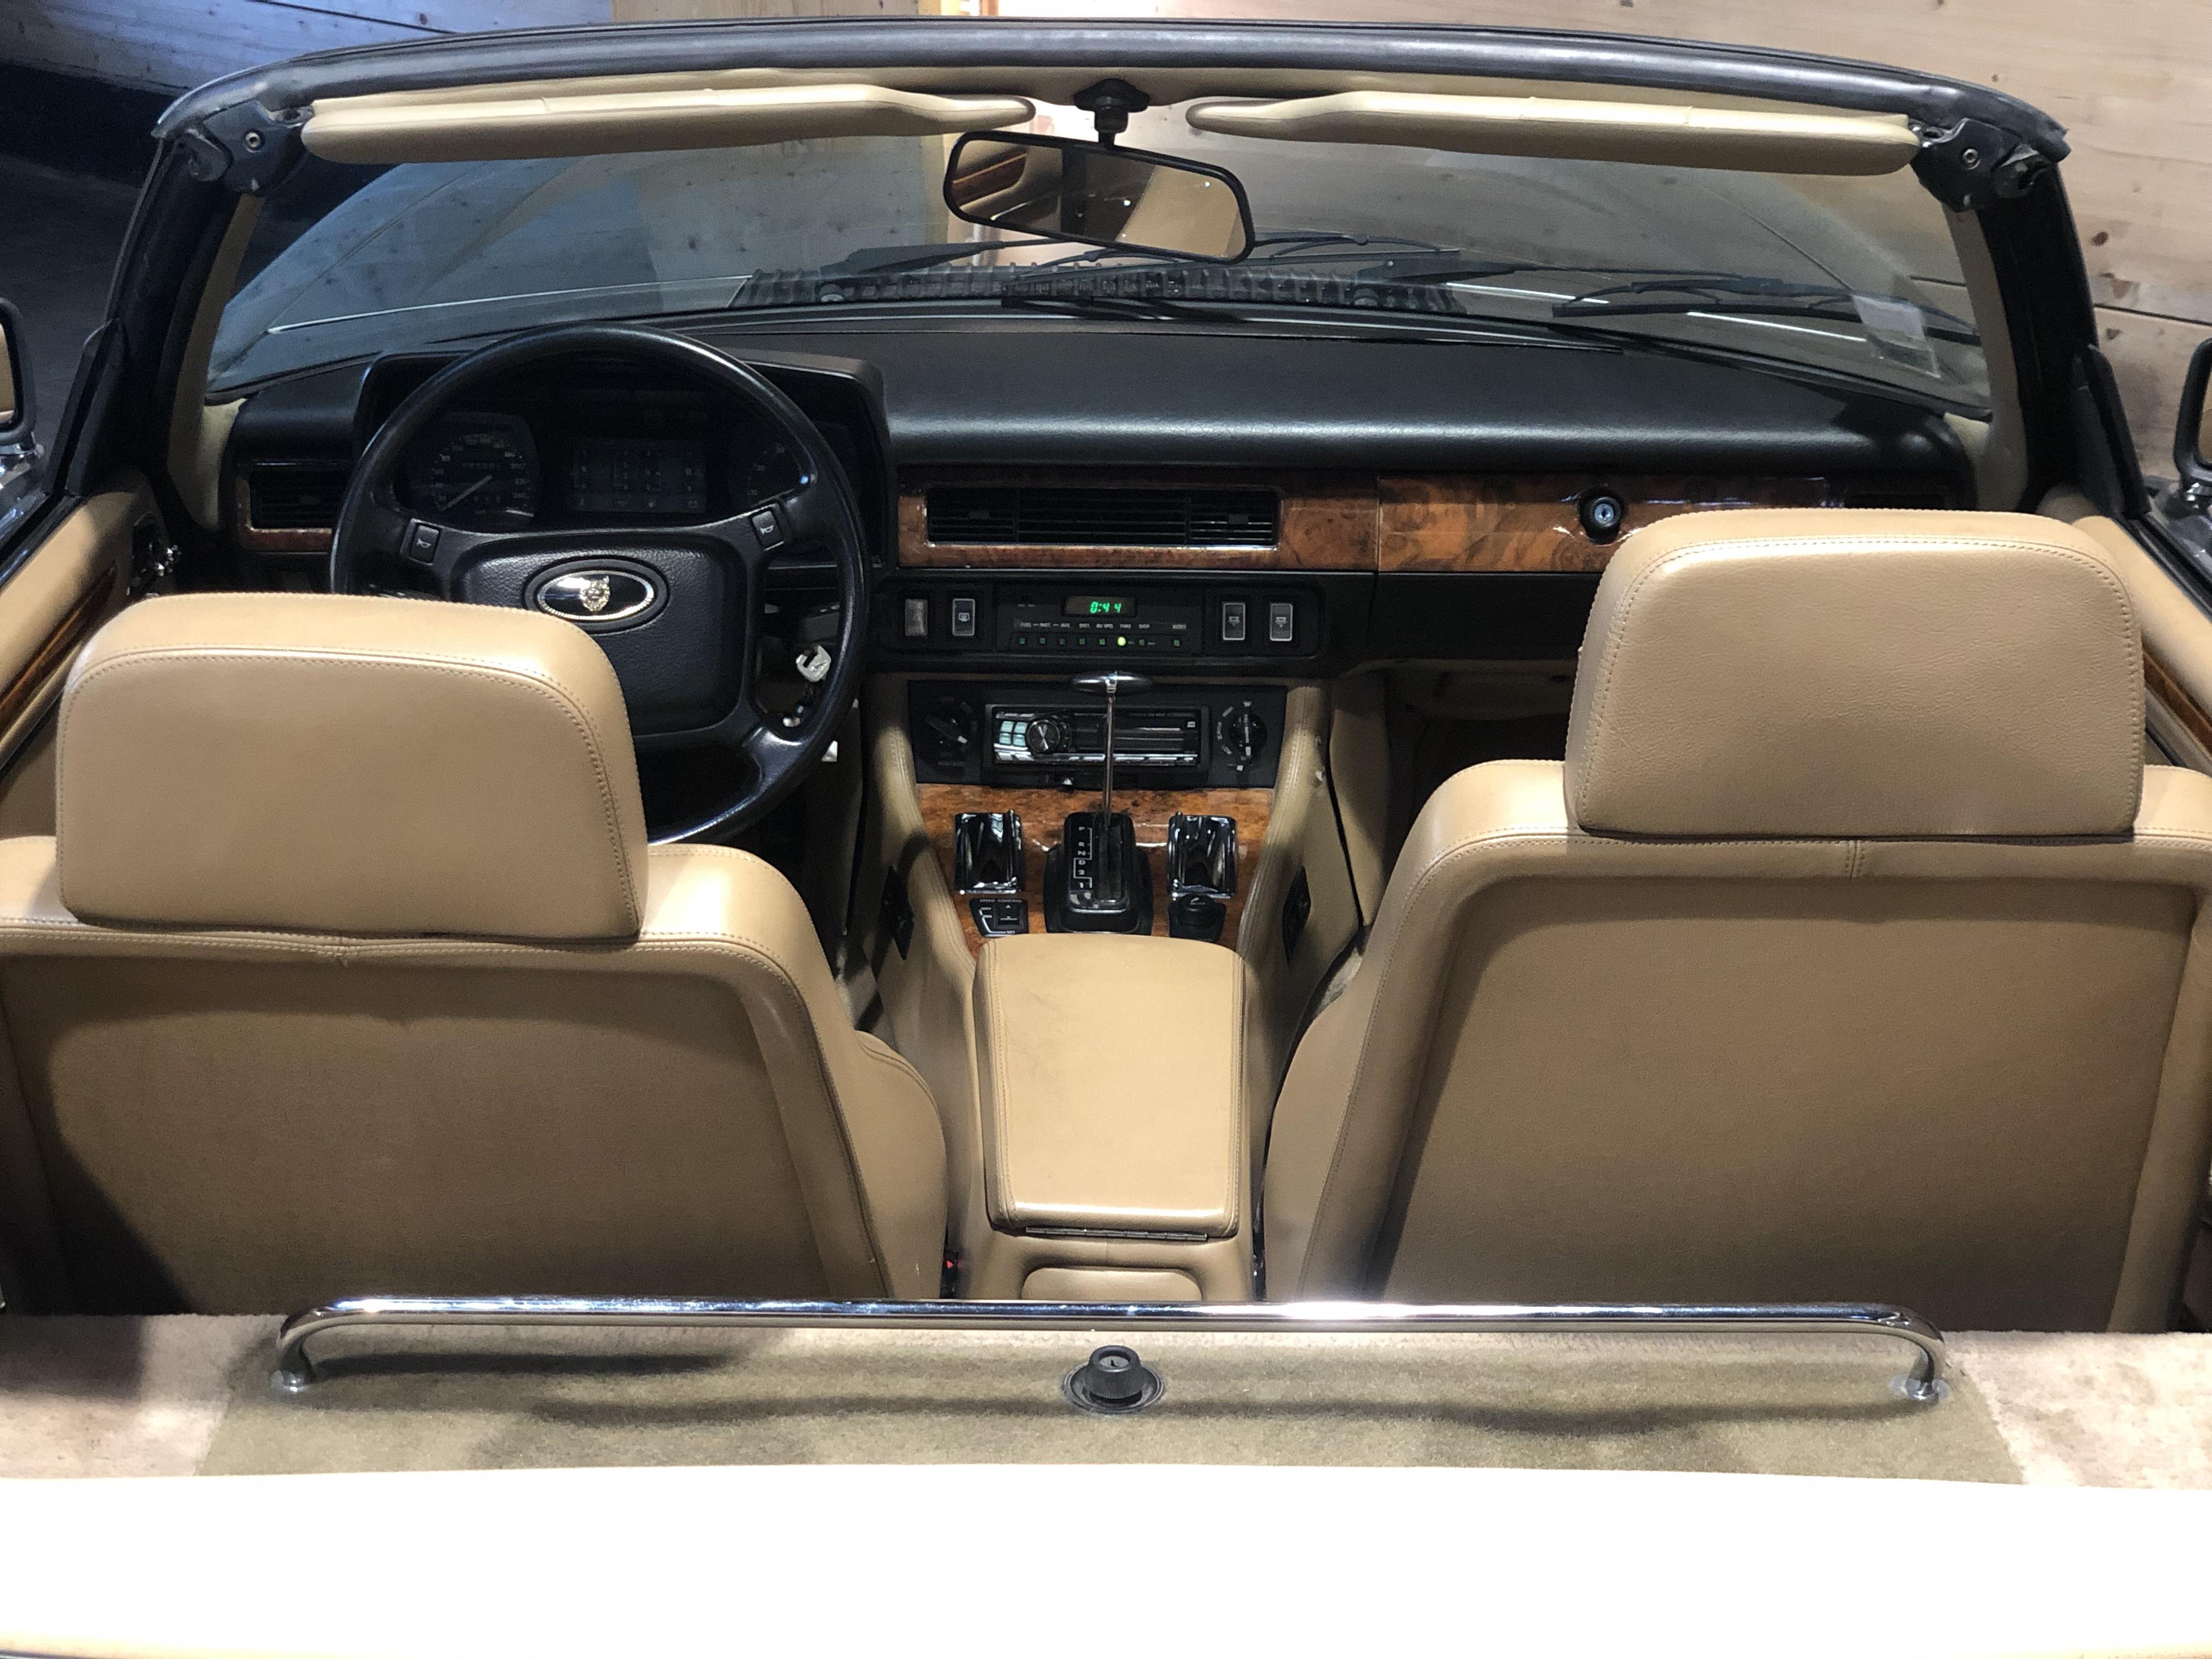 Jaguar XJS Cabriolet V12 5.3 BVA